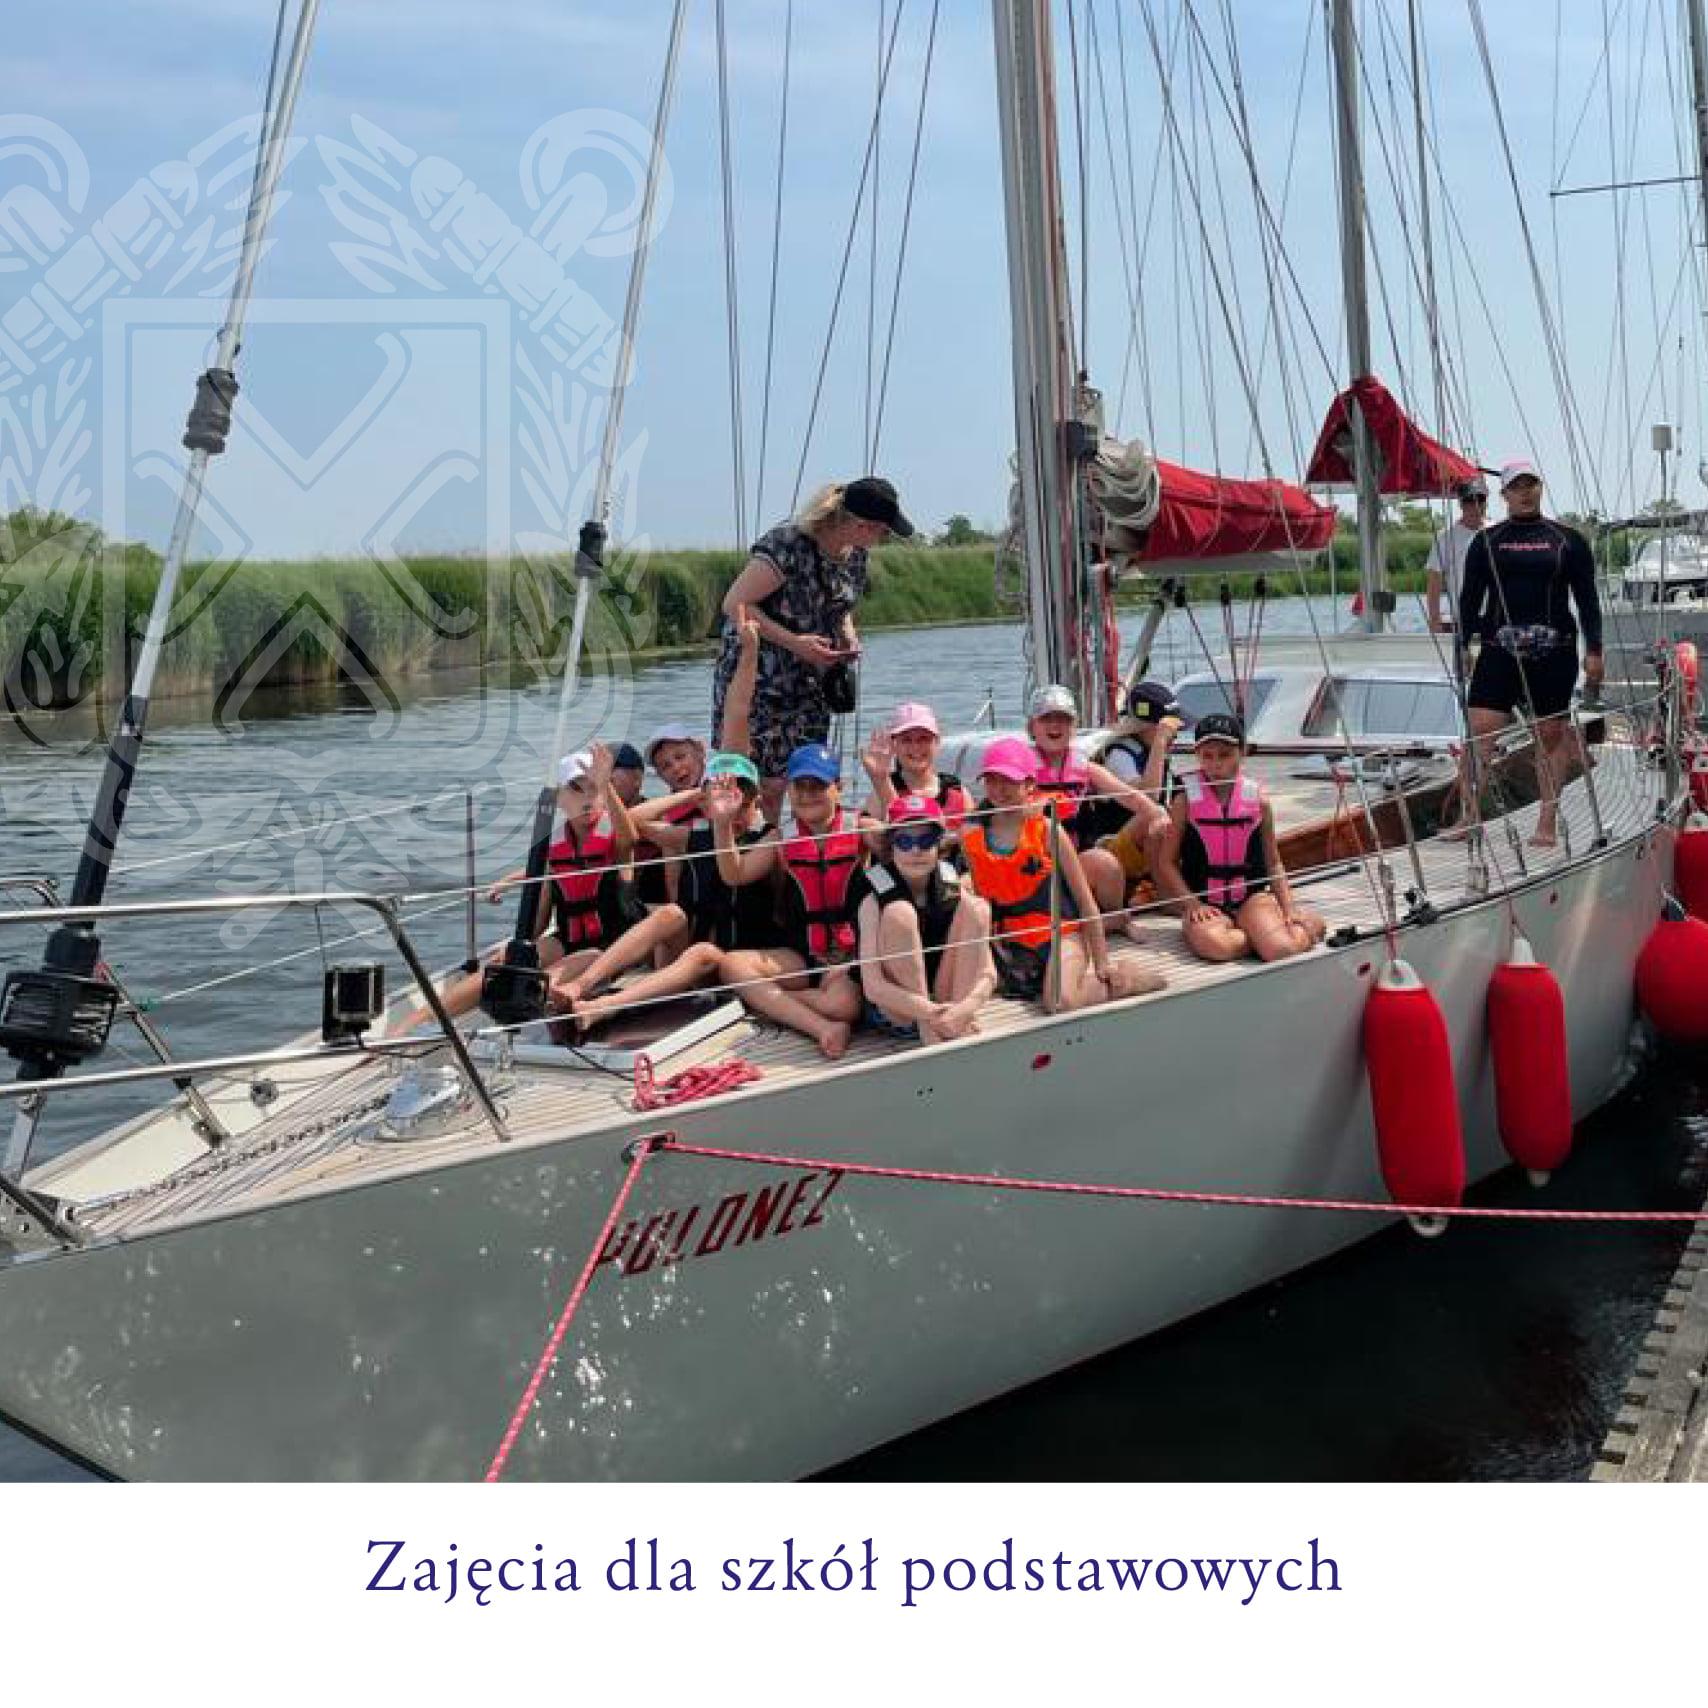 YKP Szczecin promuje żeglarstwo wśród młodzieży